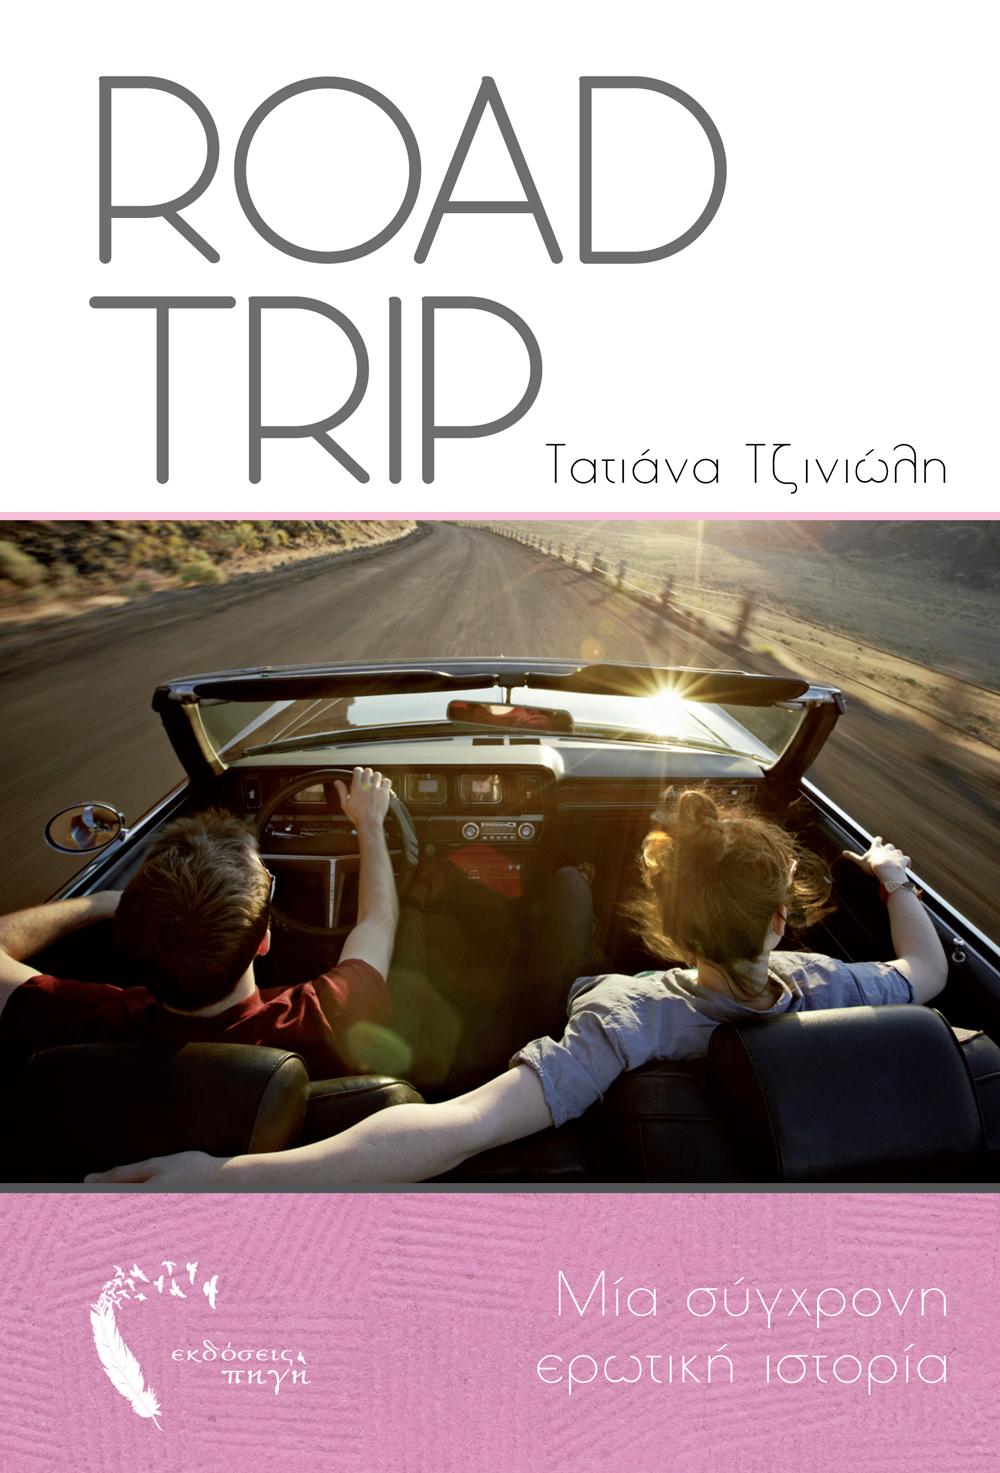 RoadTrip, Τατιάνα Τζινιώλη, Εκδόσεις Πηγή